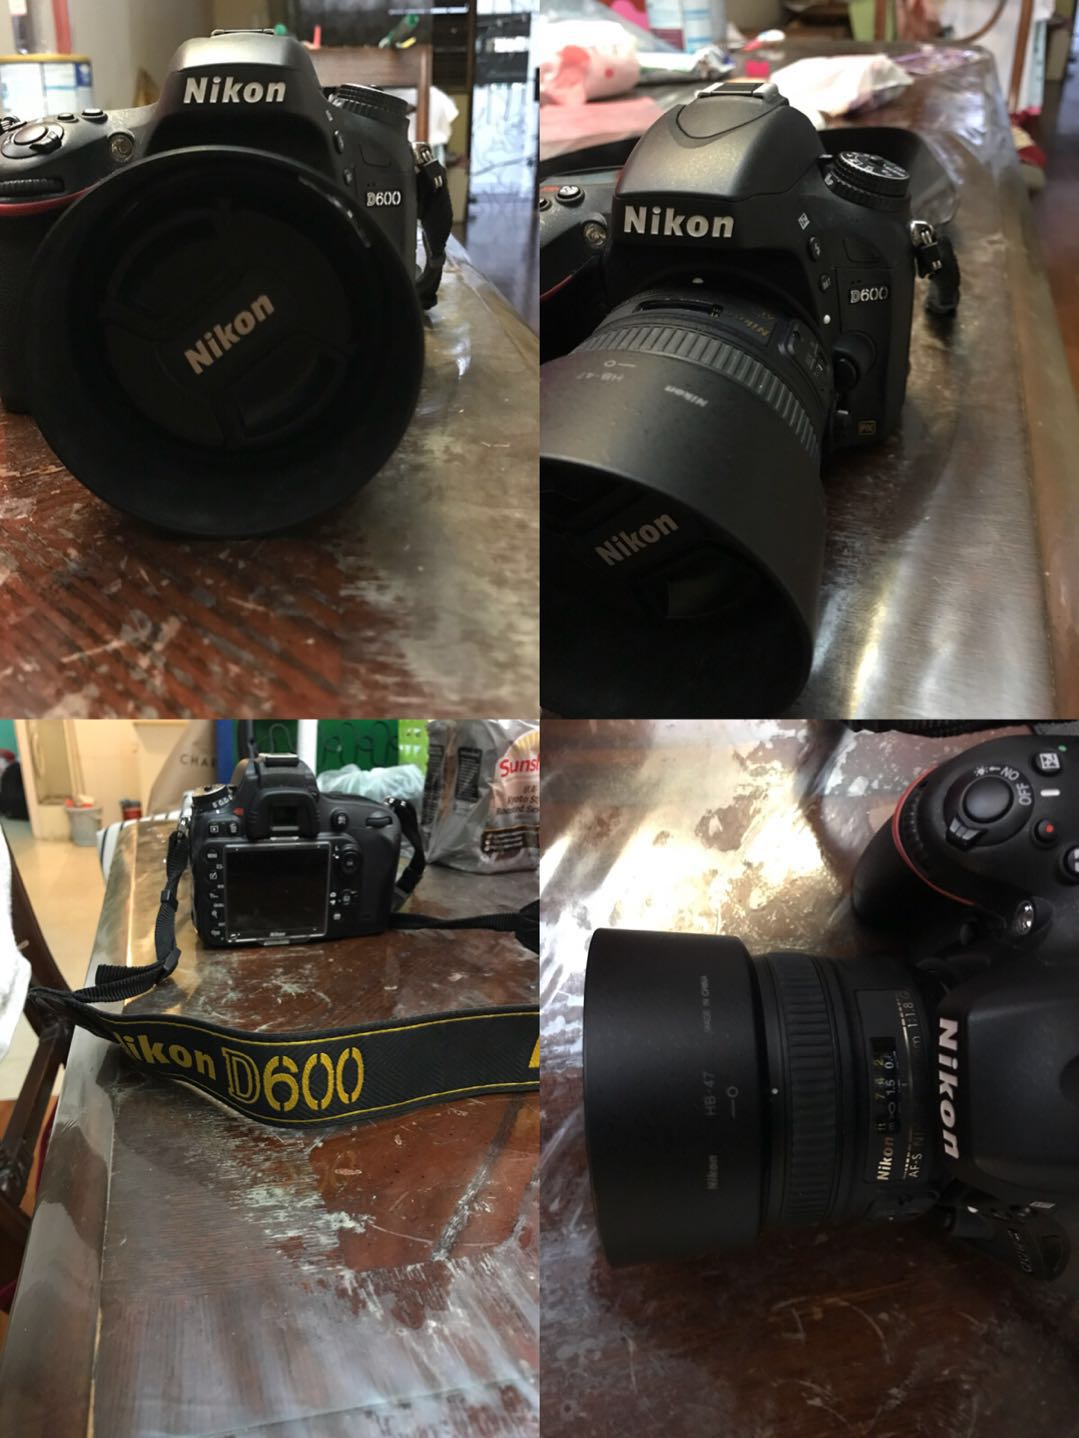 D600.jpg